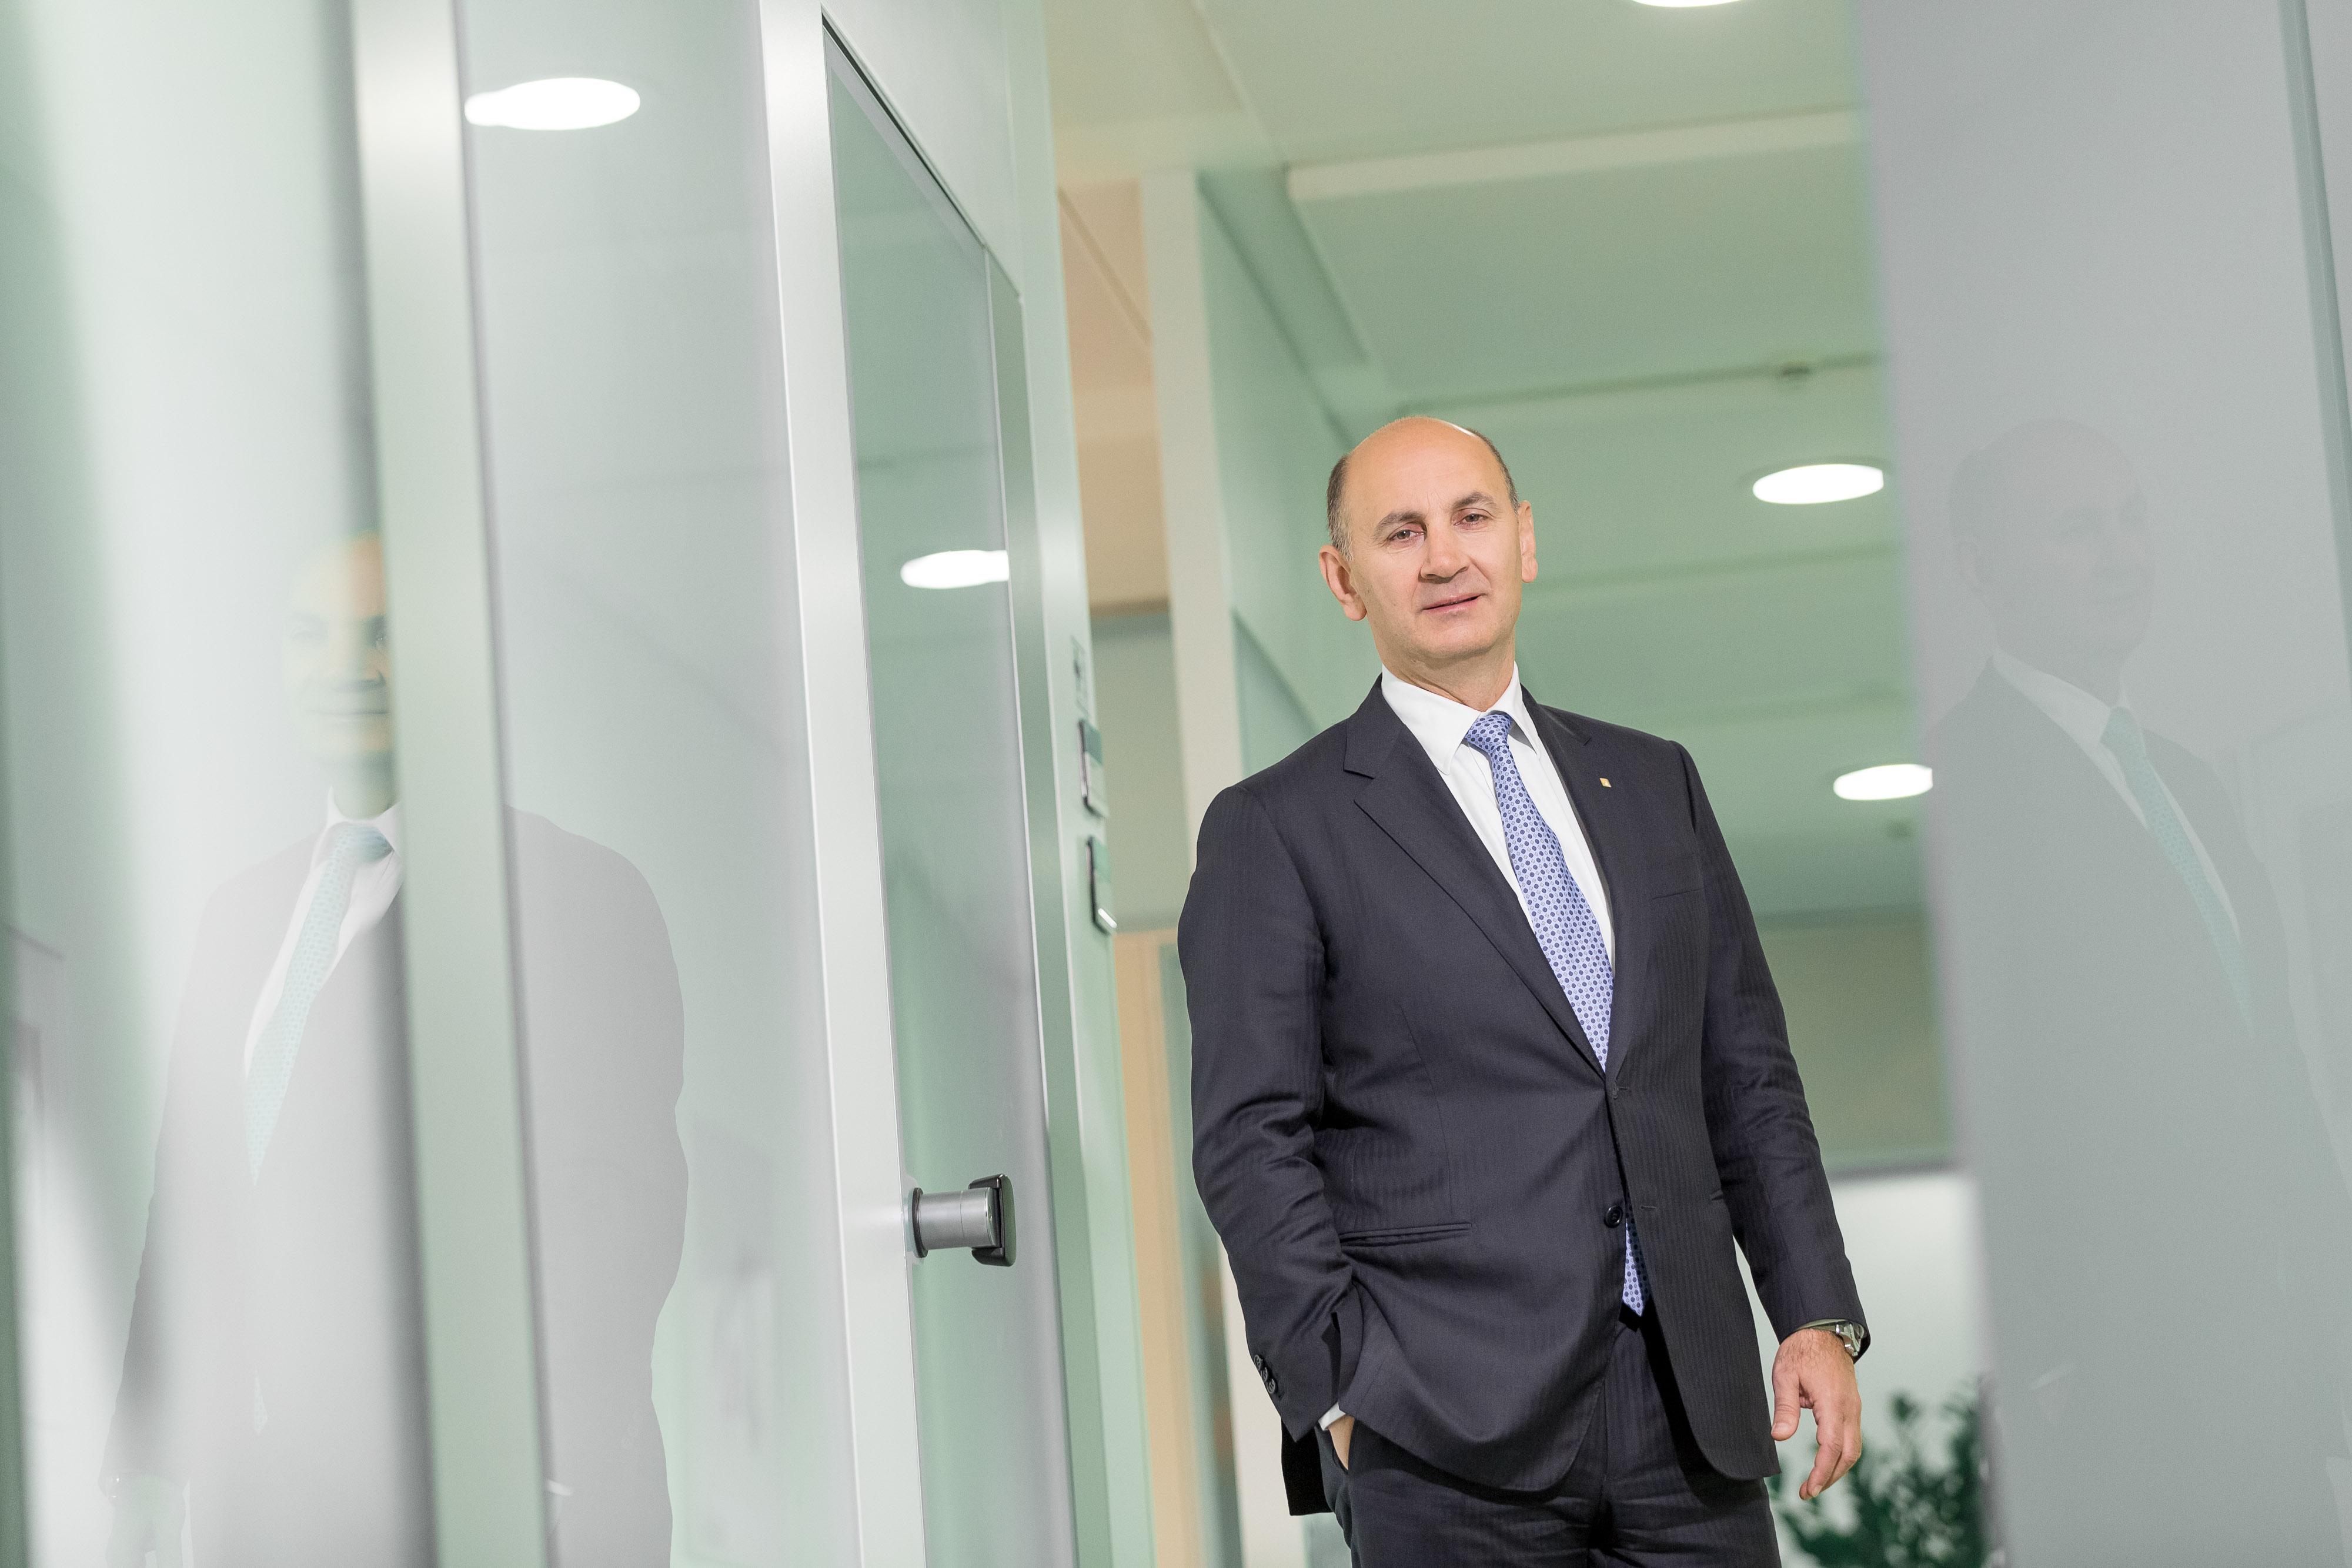 Finanza & Futuro dà il benvenuto a Buonaccorsi